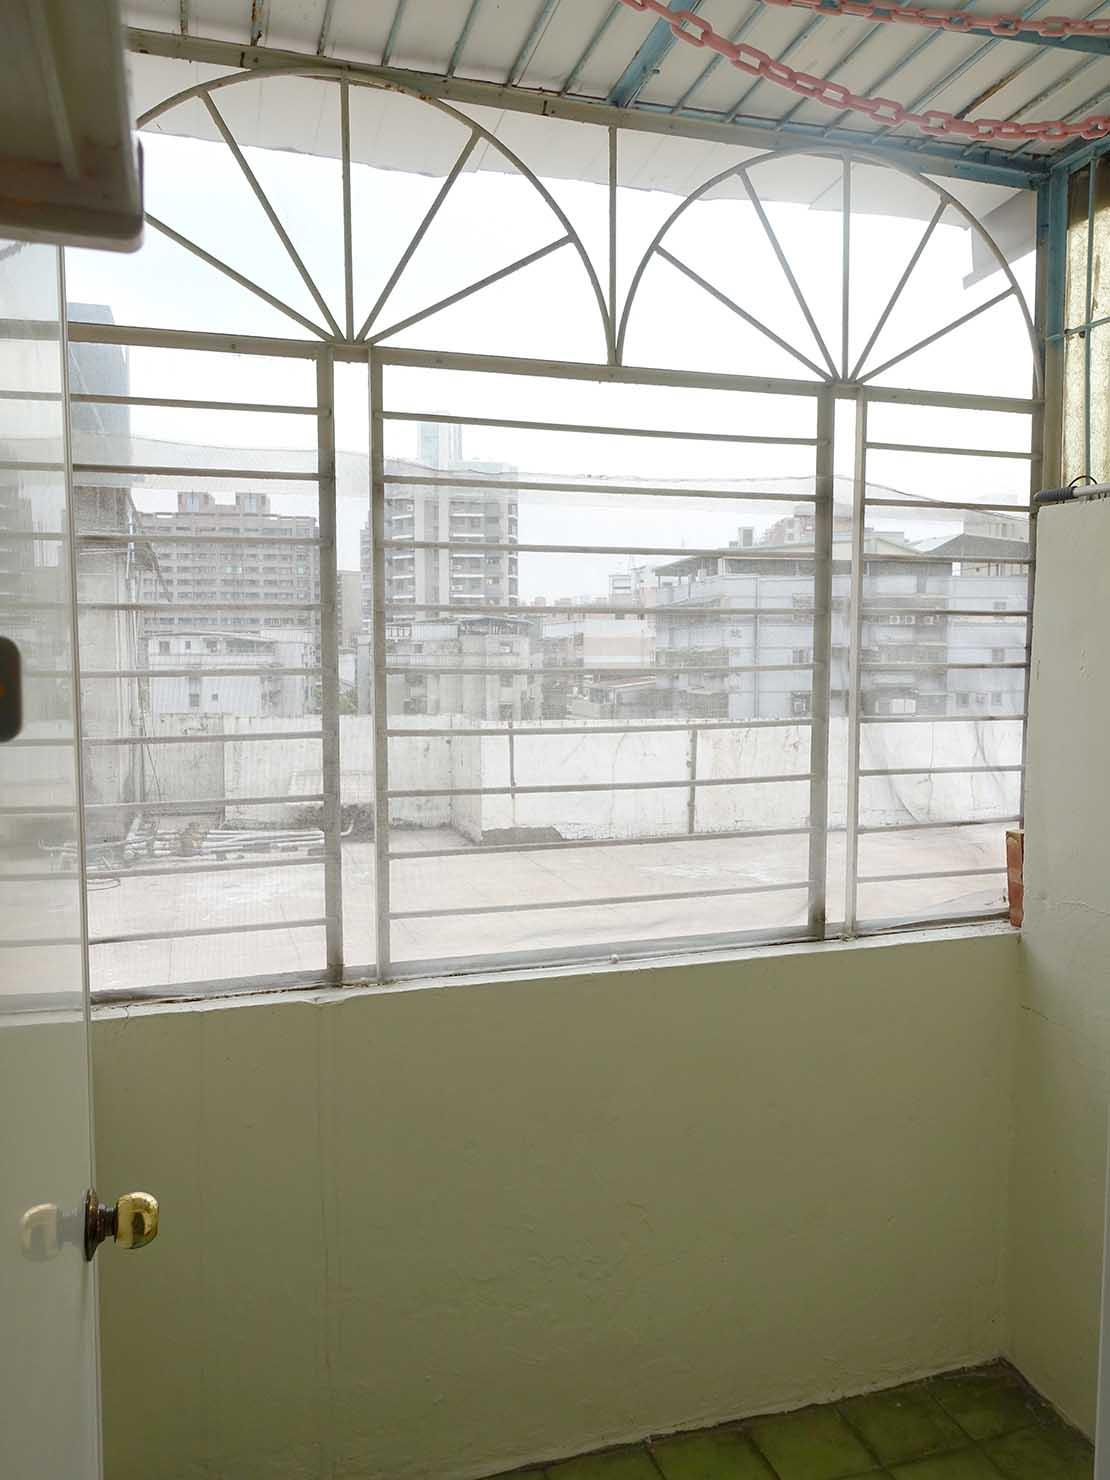 台北で台湾人彼氏と僕がルームシェアしている部屋のミニベランダ